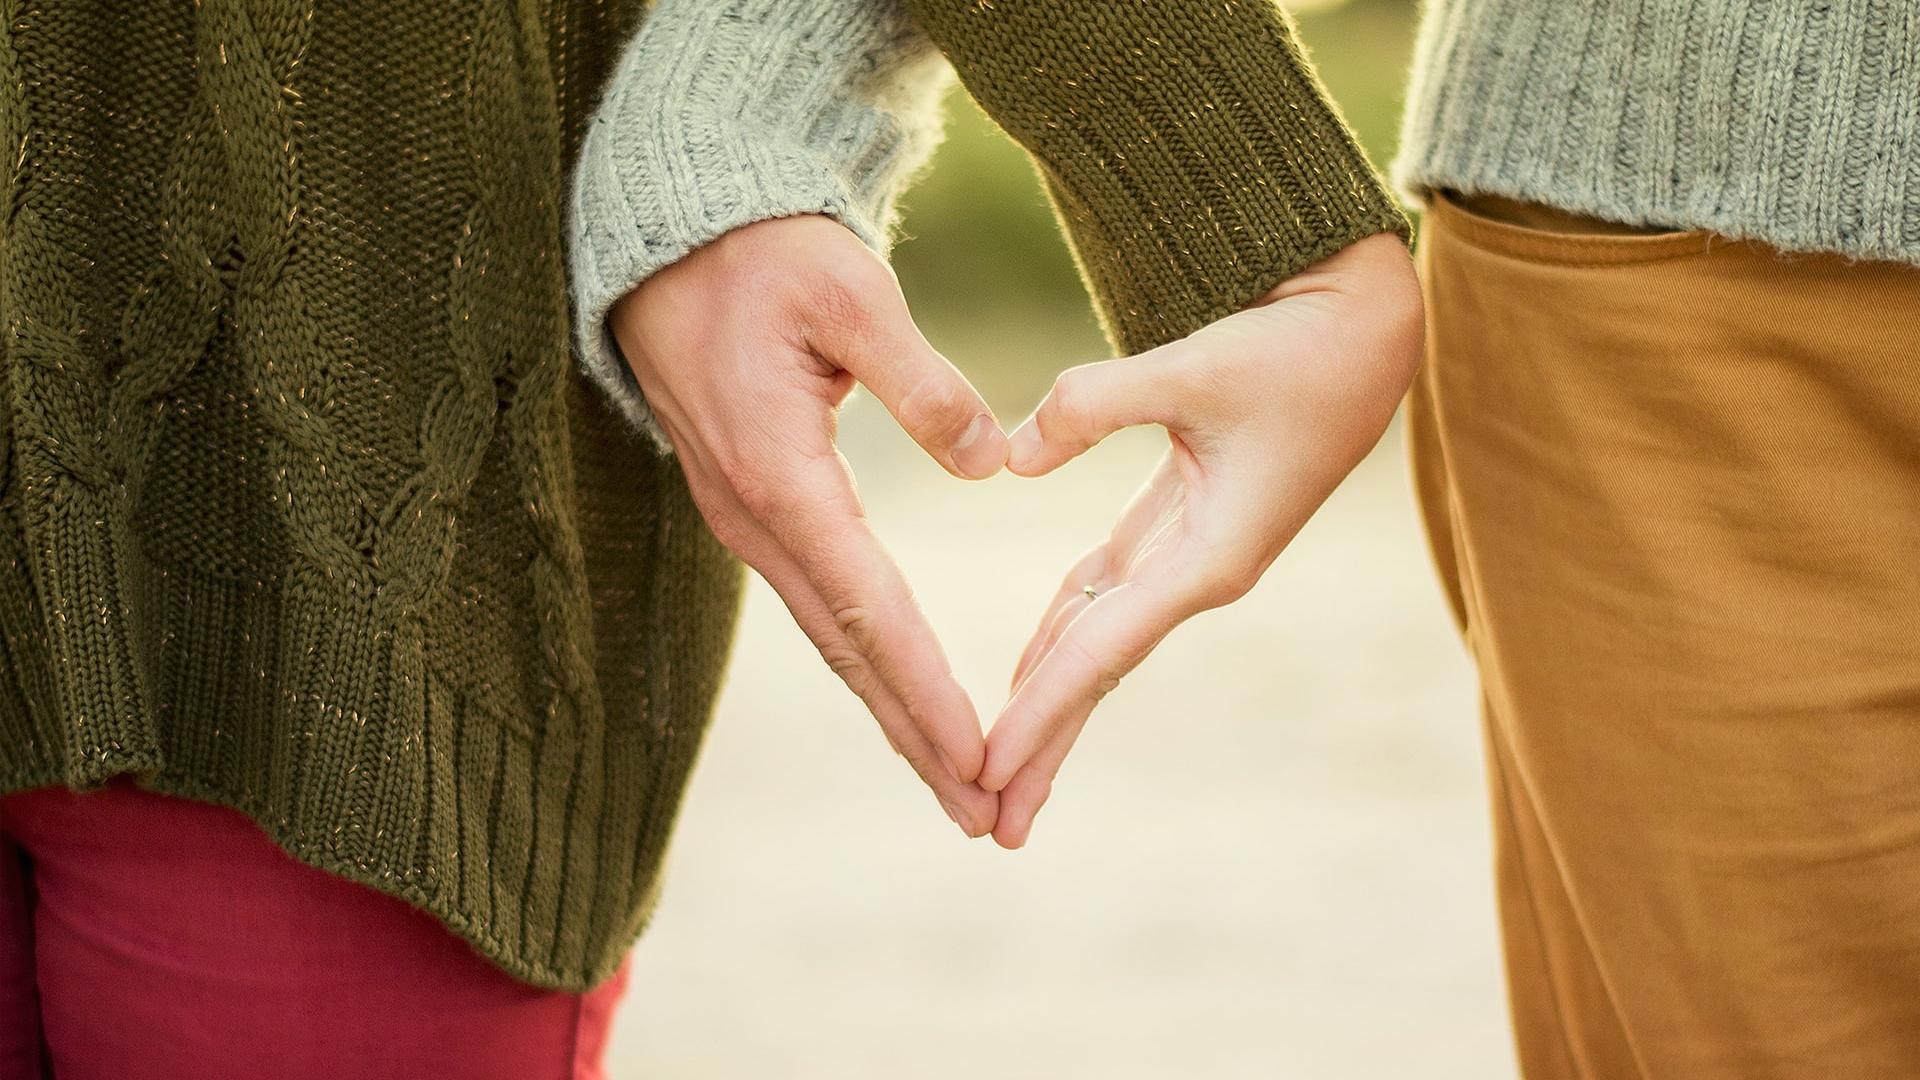 szeretetnyelvek, szeretetnyelv, házasság, szeretet